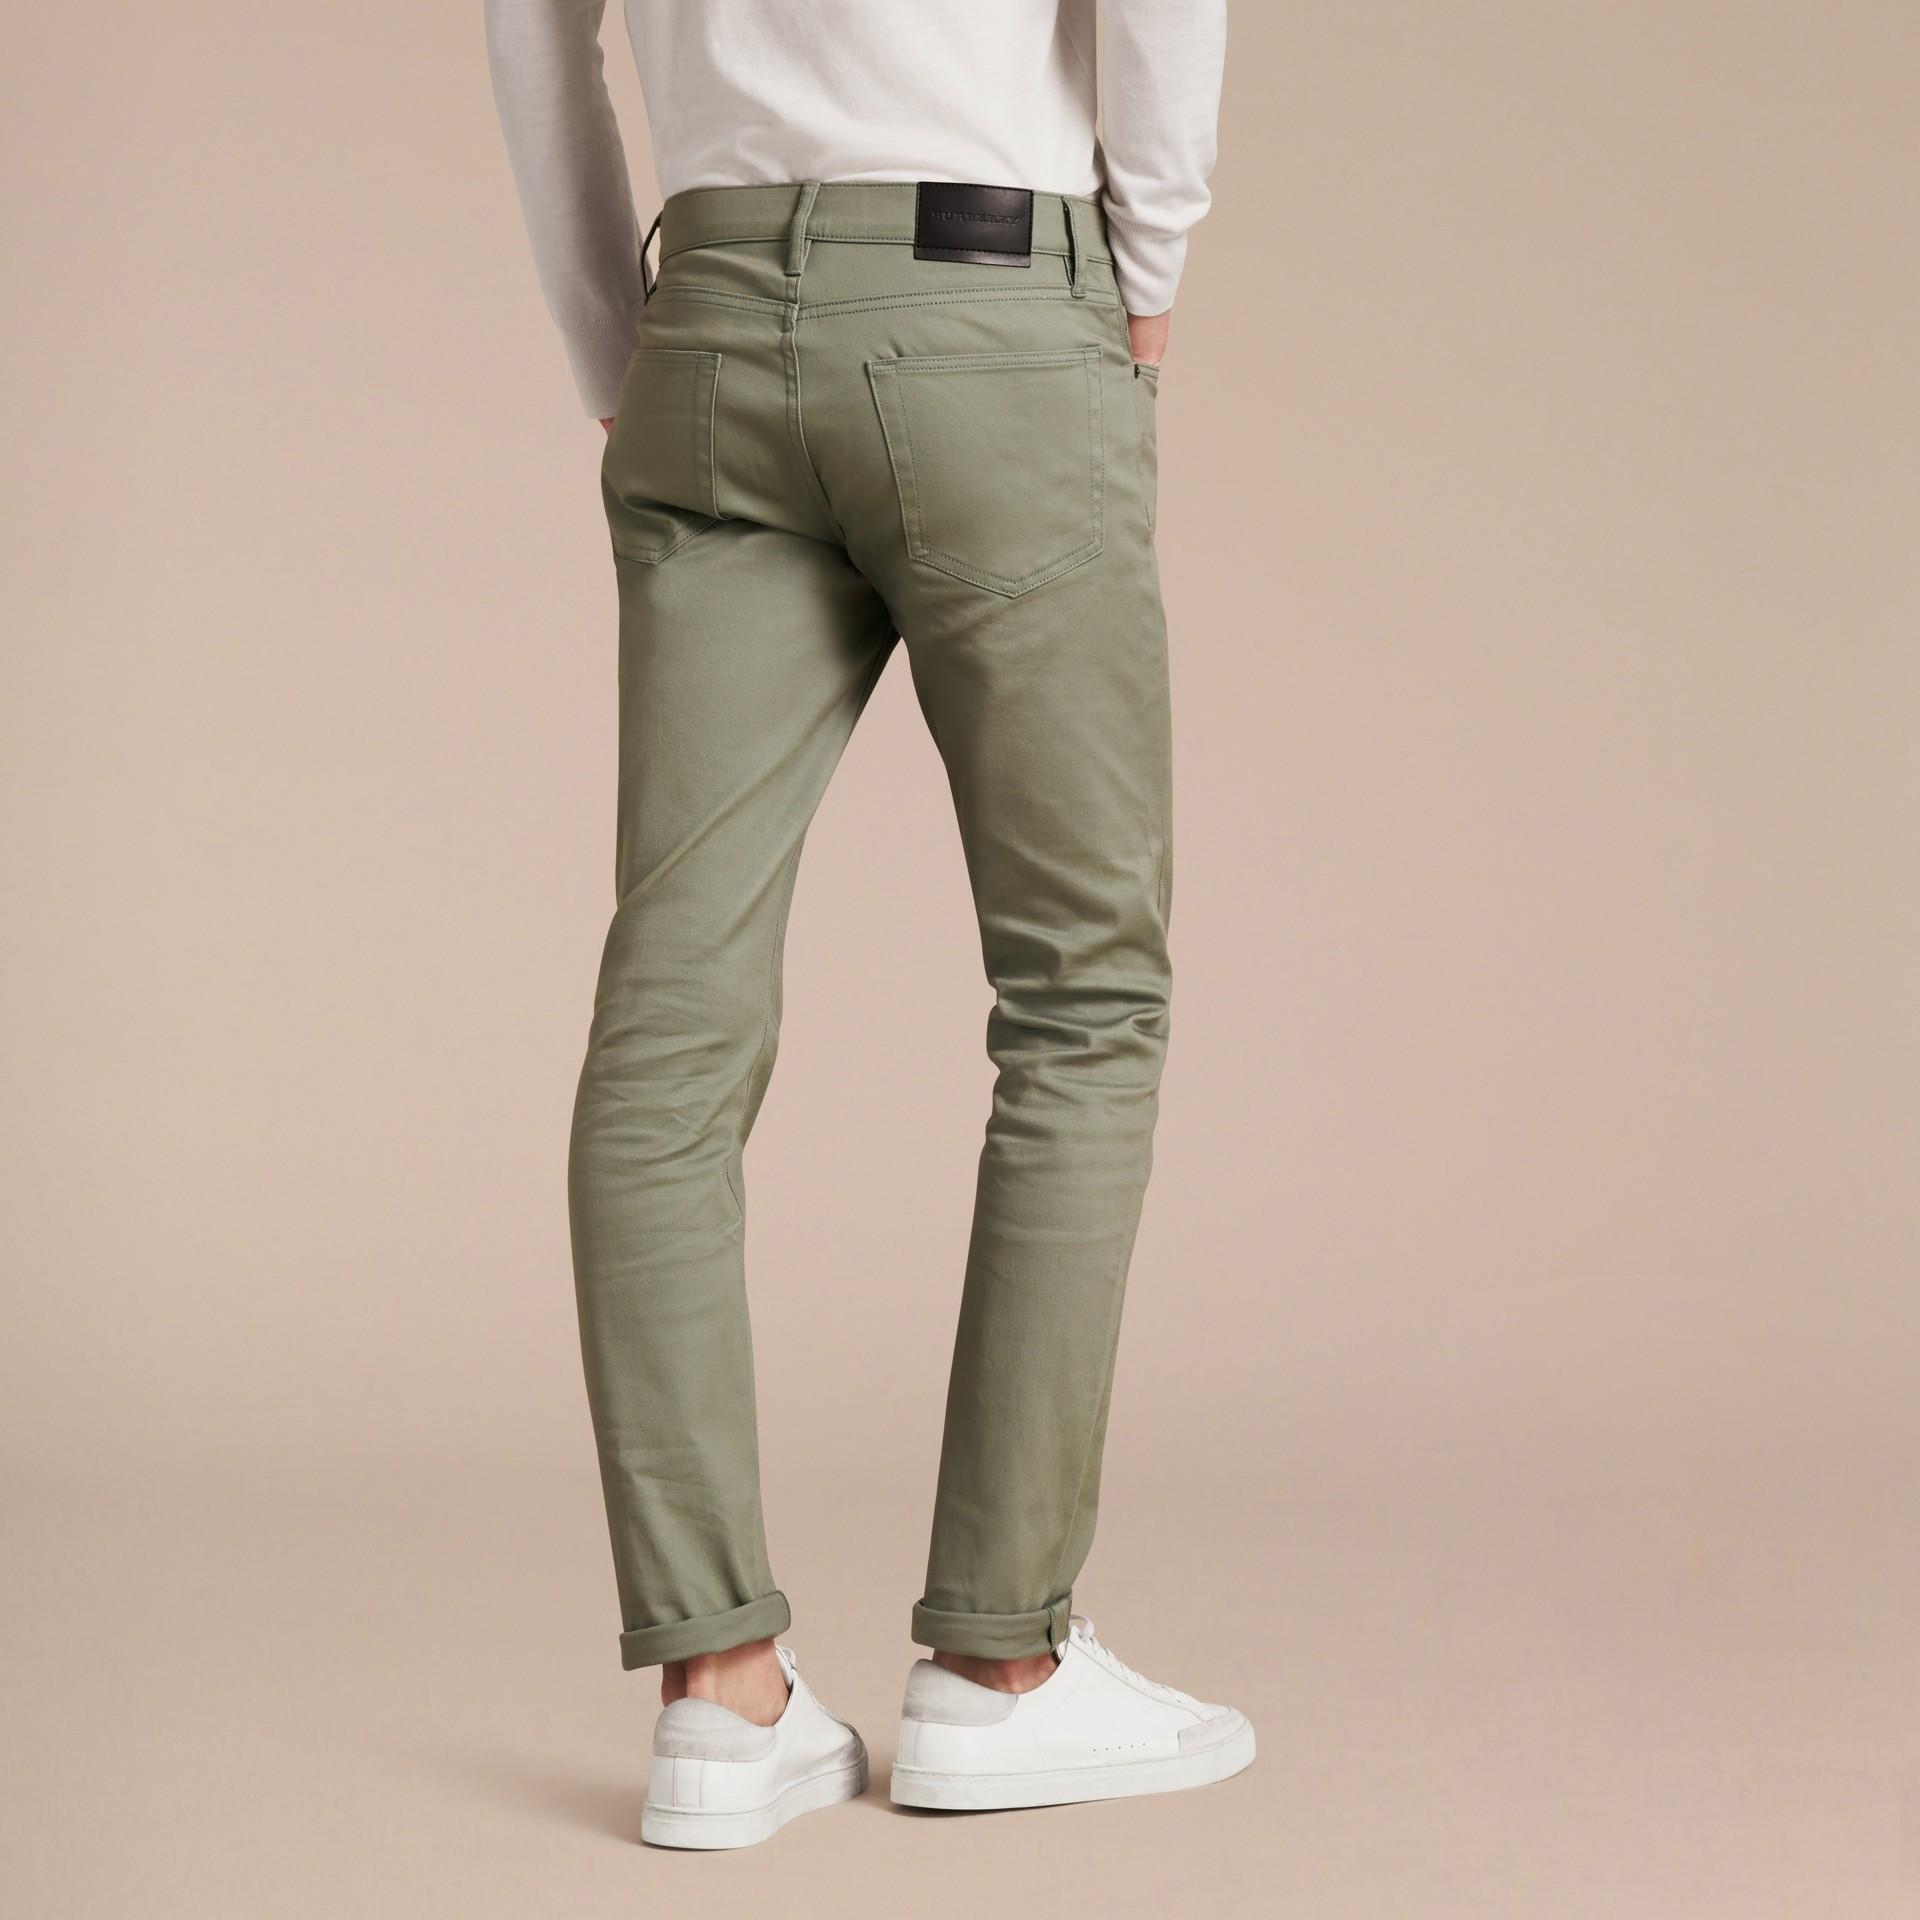 Eukalyptusgrün Körperbetonte Jeans aus japanischem Stretchdenim Eukalyptusgrün - Galerie-Bild 3